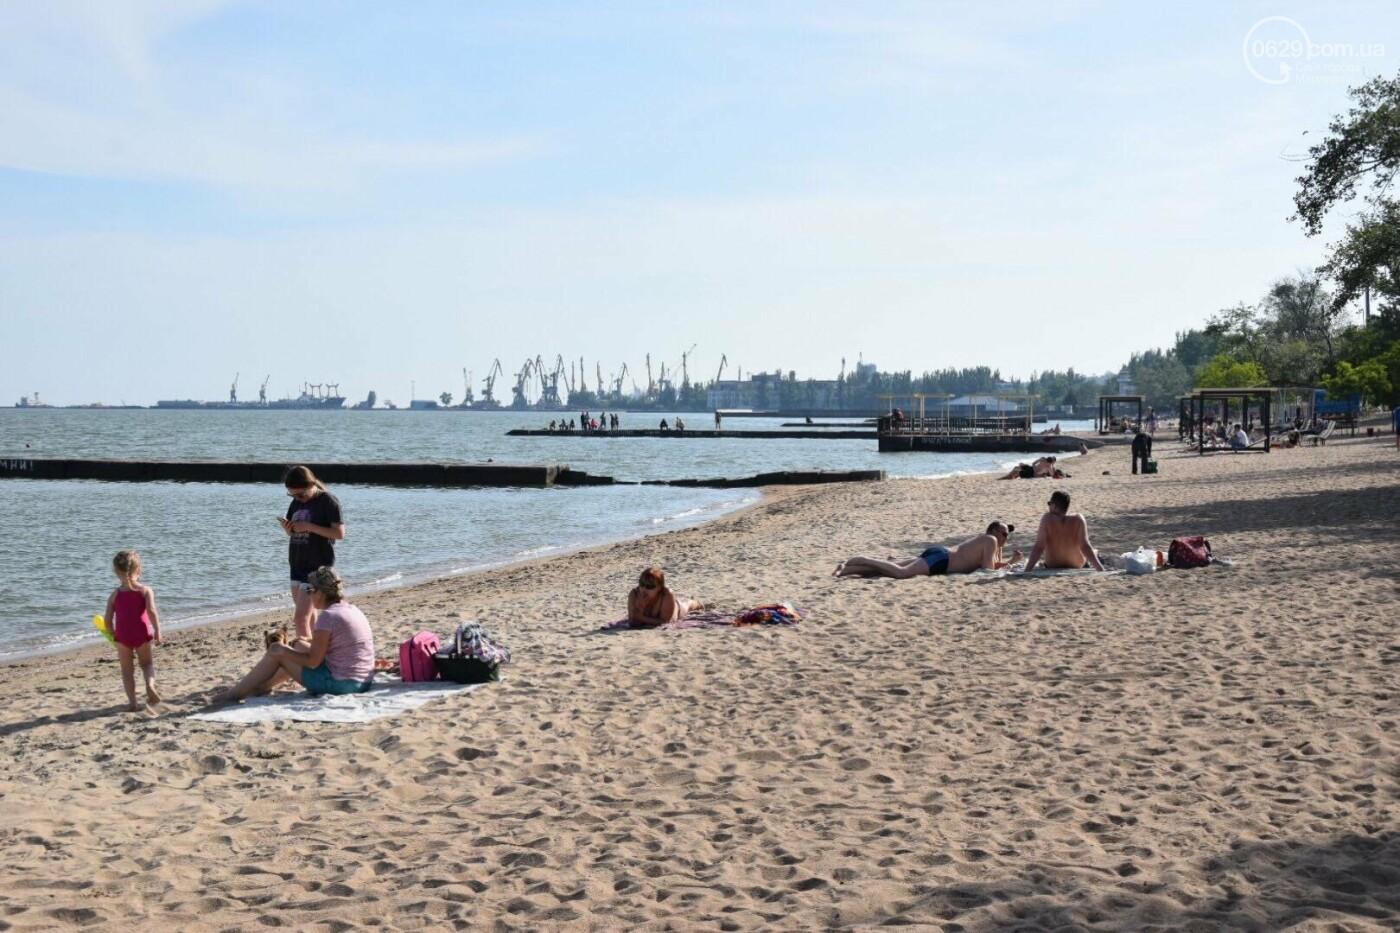 В Мариуполе открылся пляжный сезон, - ФОТОРЕПОРТАЖ, фото-1